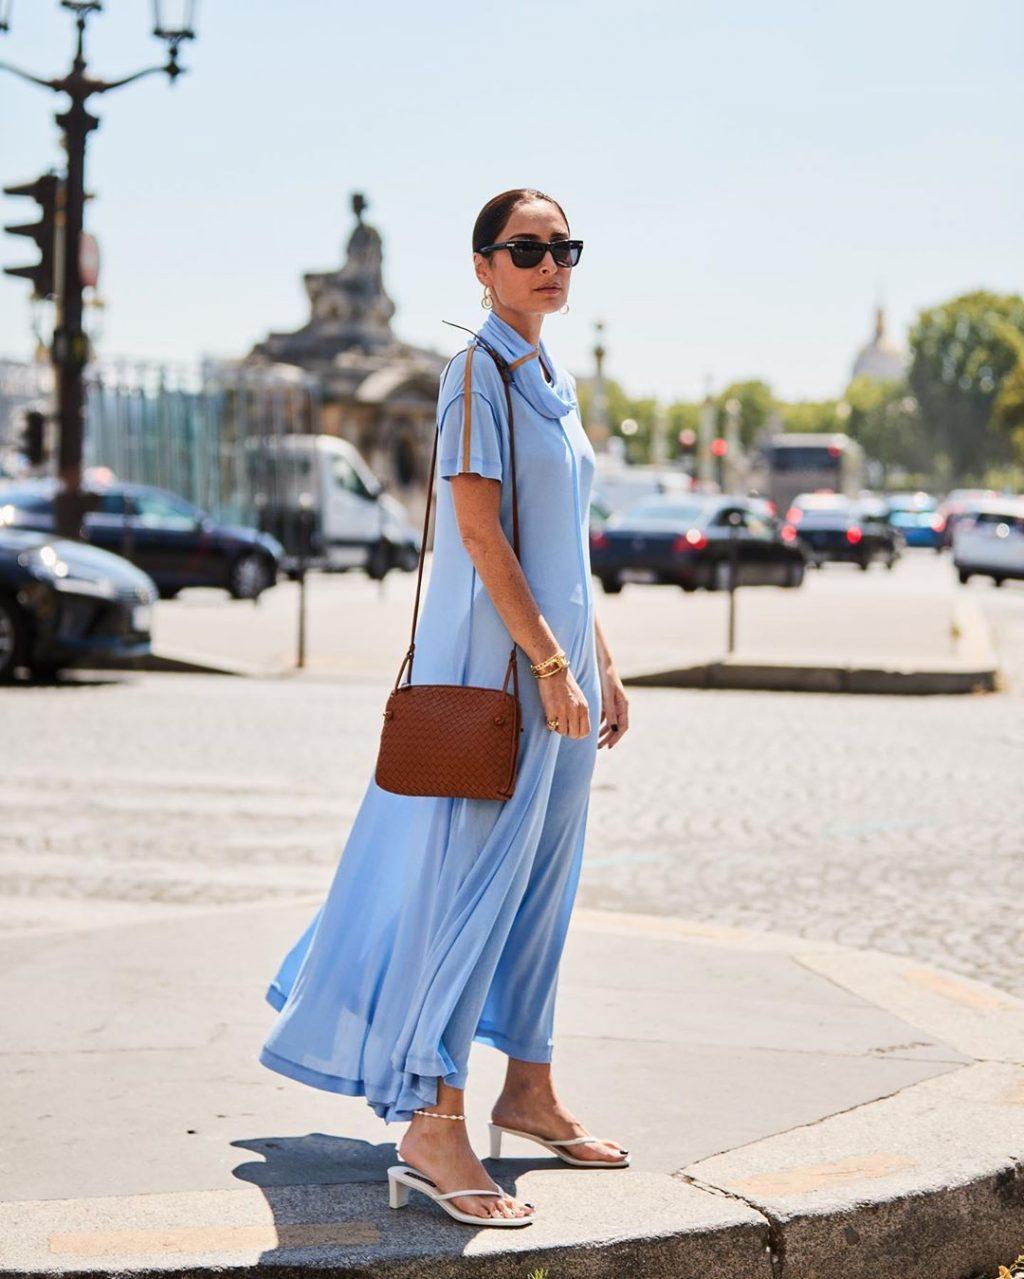 Fashionista mặc váy xanh thiên thanh, đeo kính mắt đen và đi giày mũi vuông trắng